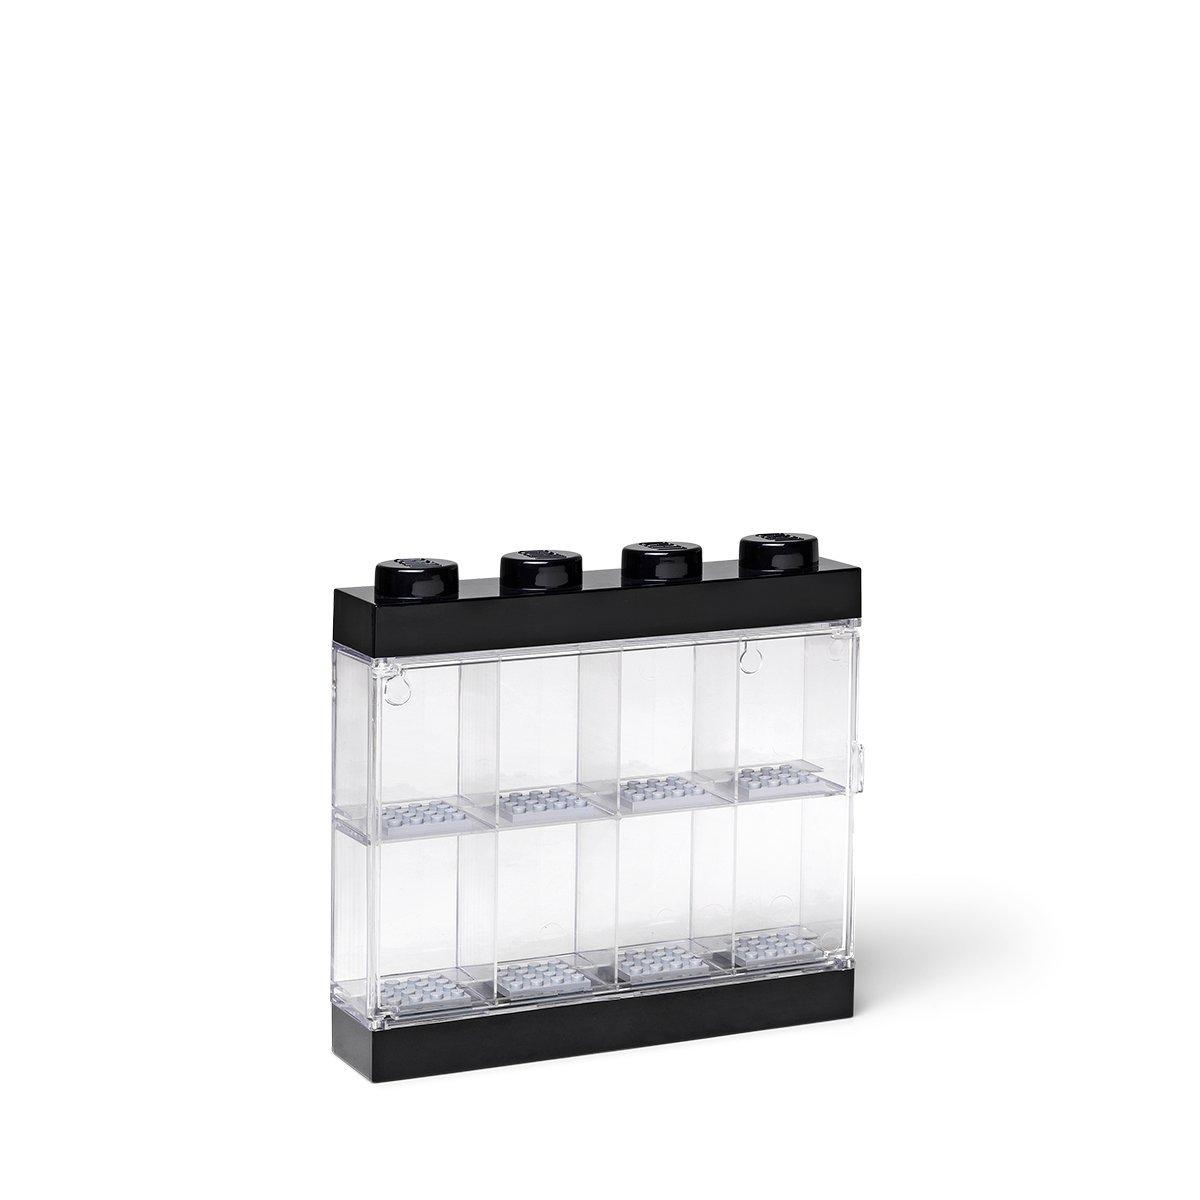 LEGO Mini Figia Display case / 8 Black 5711938023591